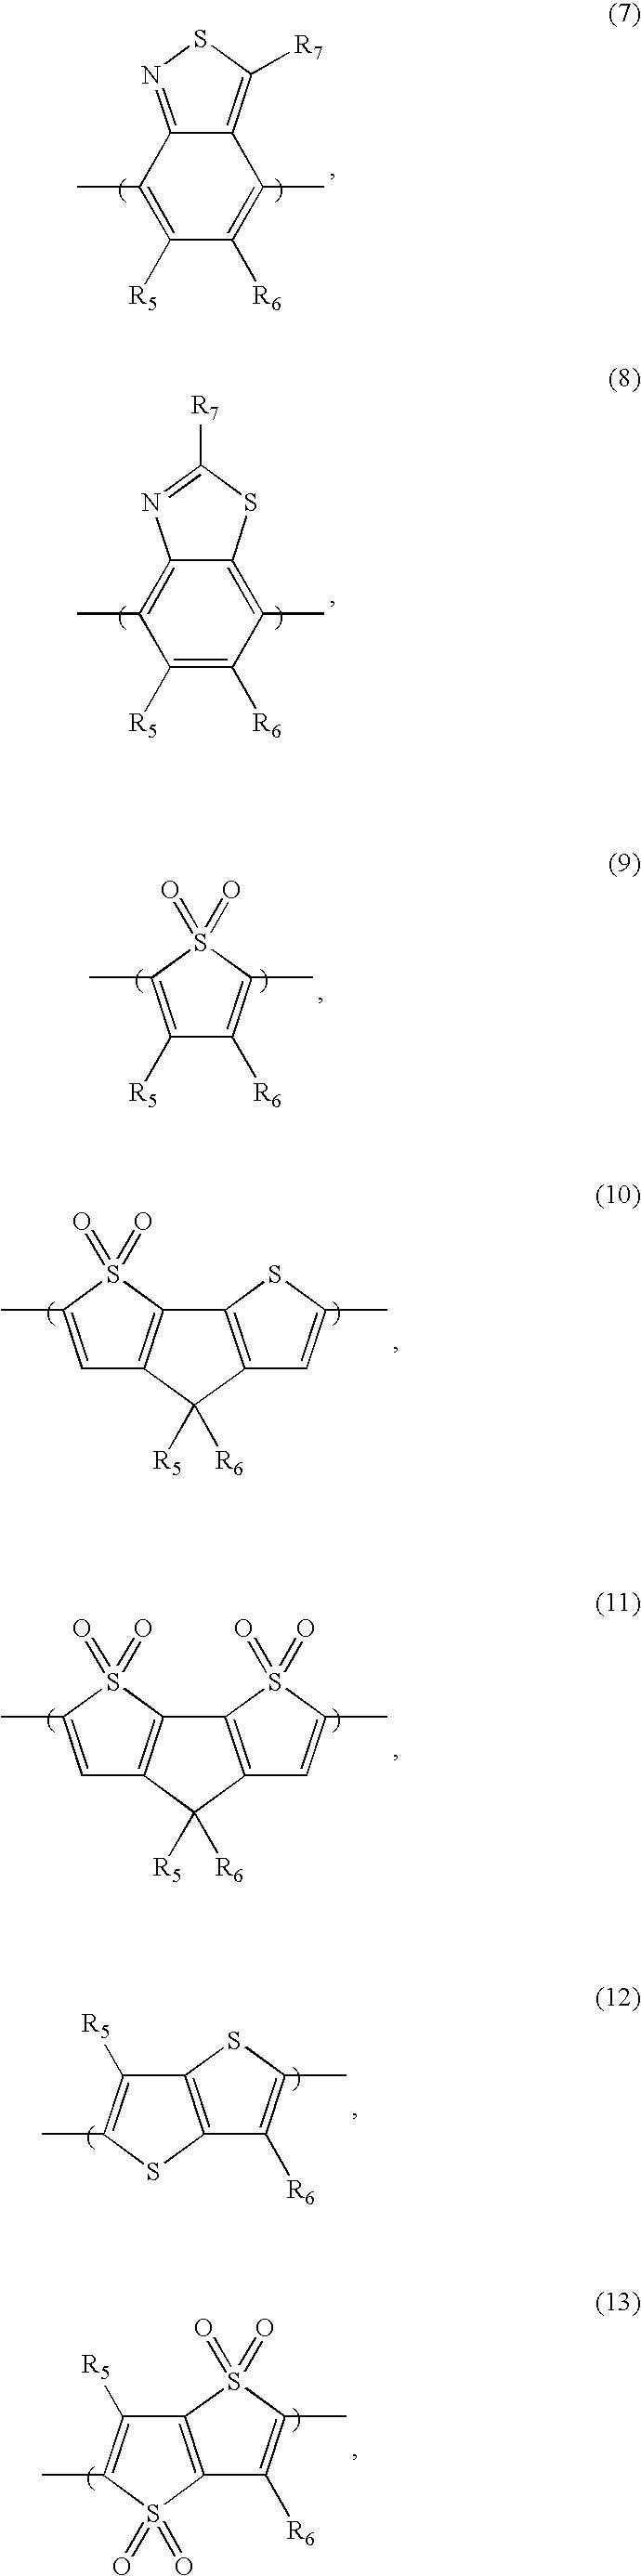 Figure US20090308380A1-20091217-C00002